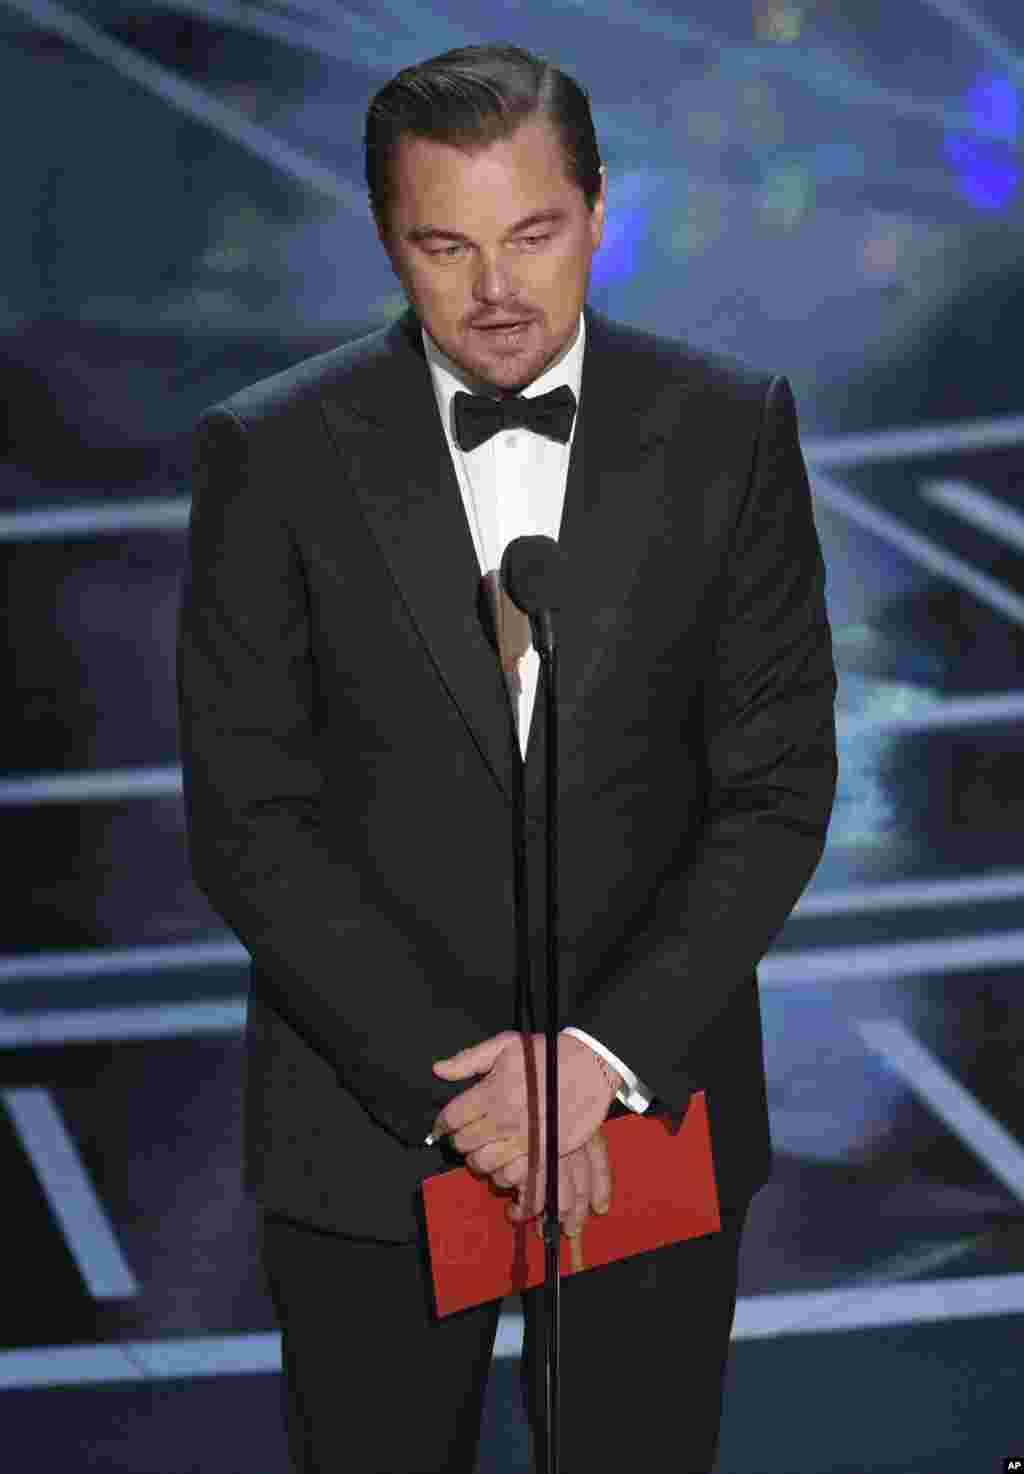 لئوناردو دیکاپریو٬ یکی از دارندگان اسکار٬ نام بهترین بازیگر زن را اعلام کرد.